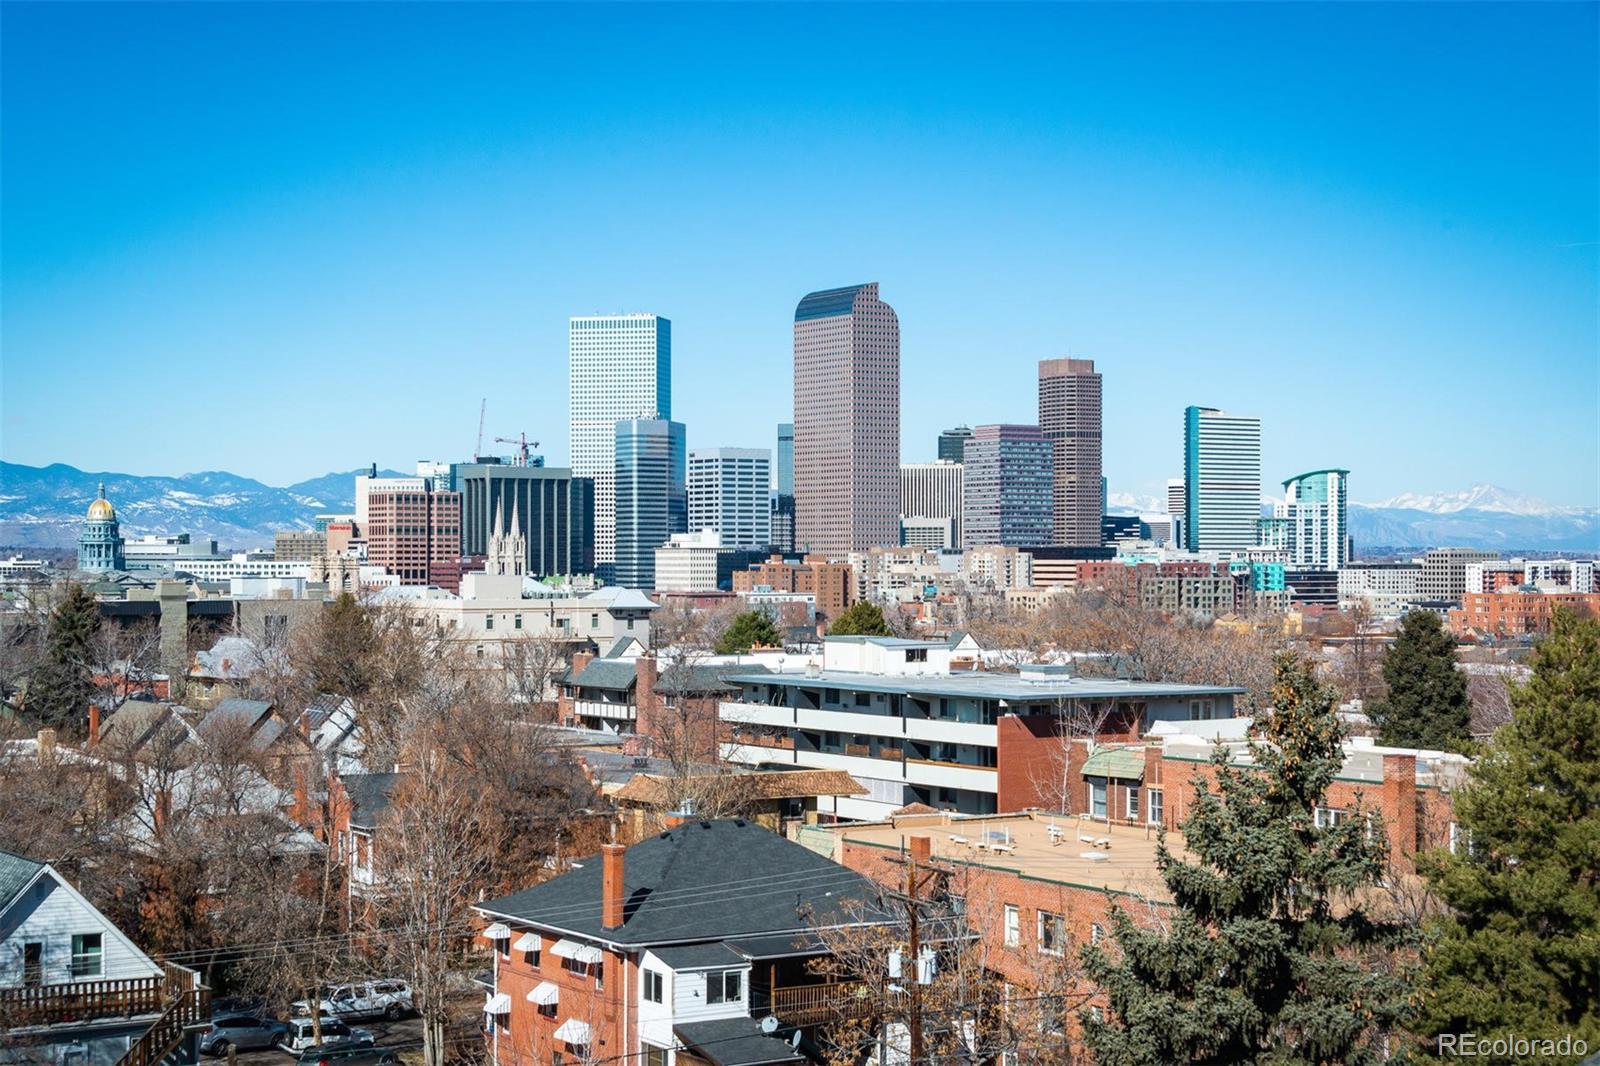 1200 N Humboldt Street #702, Denver, CO 80218 - Denver, CO real estate listing